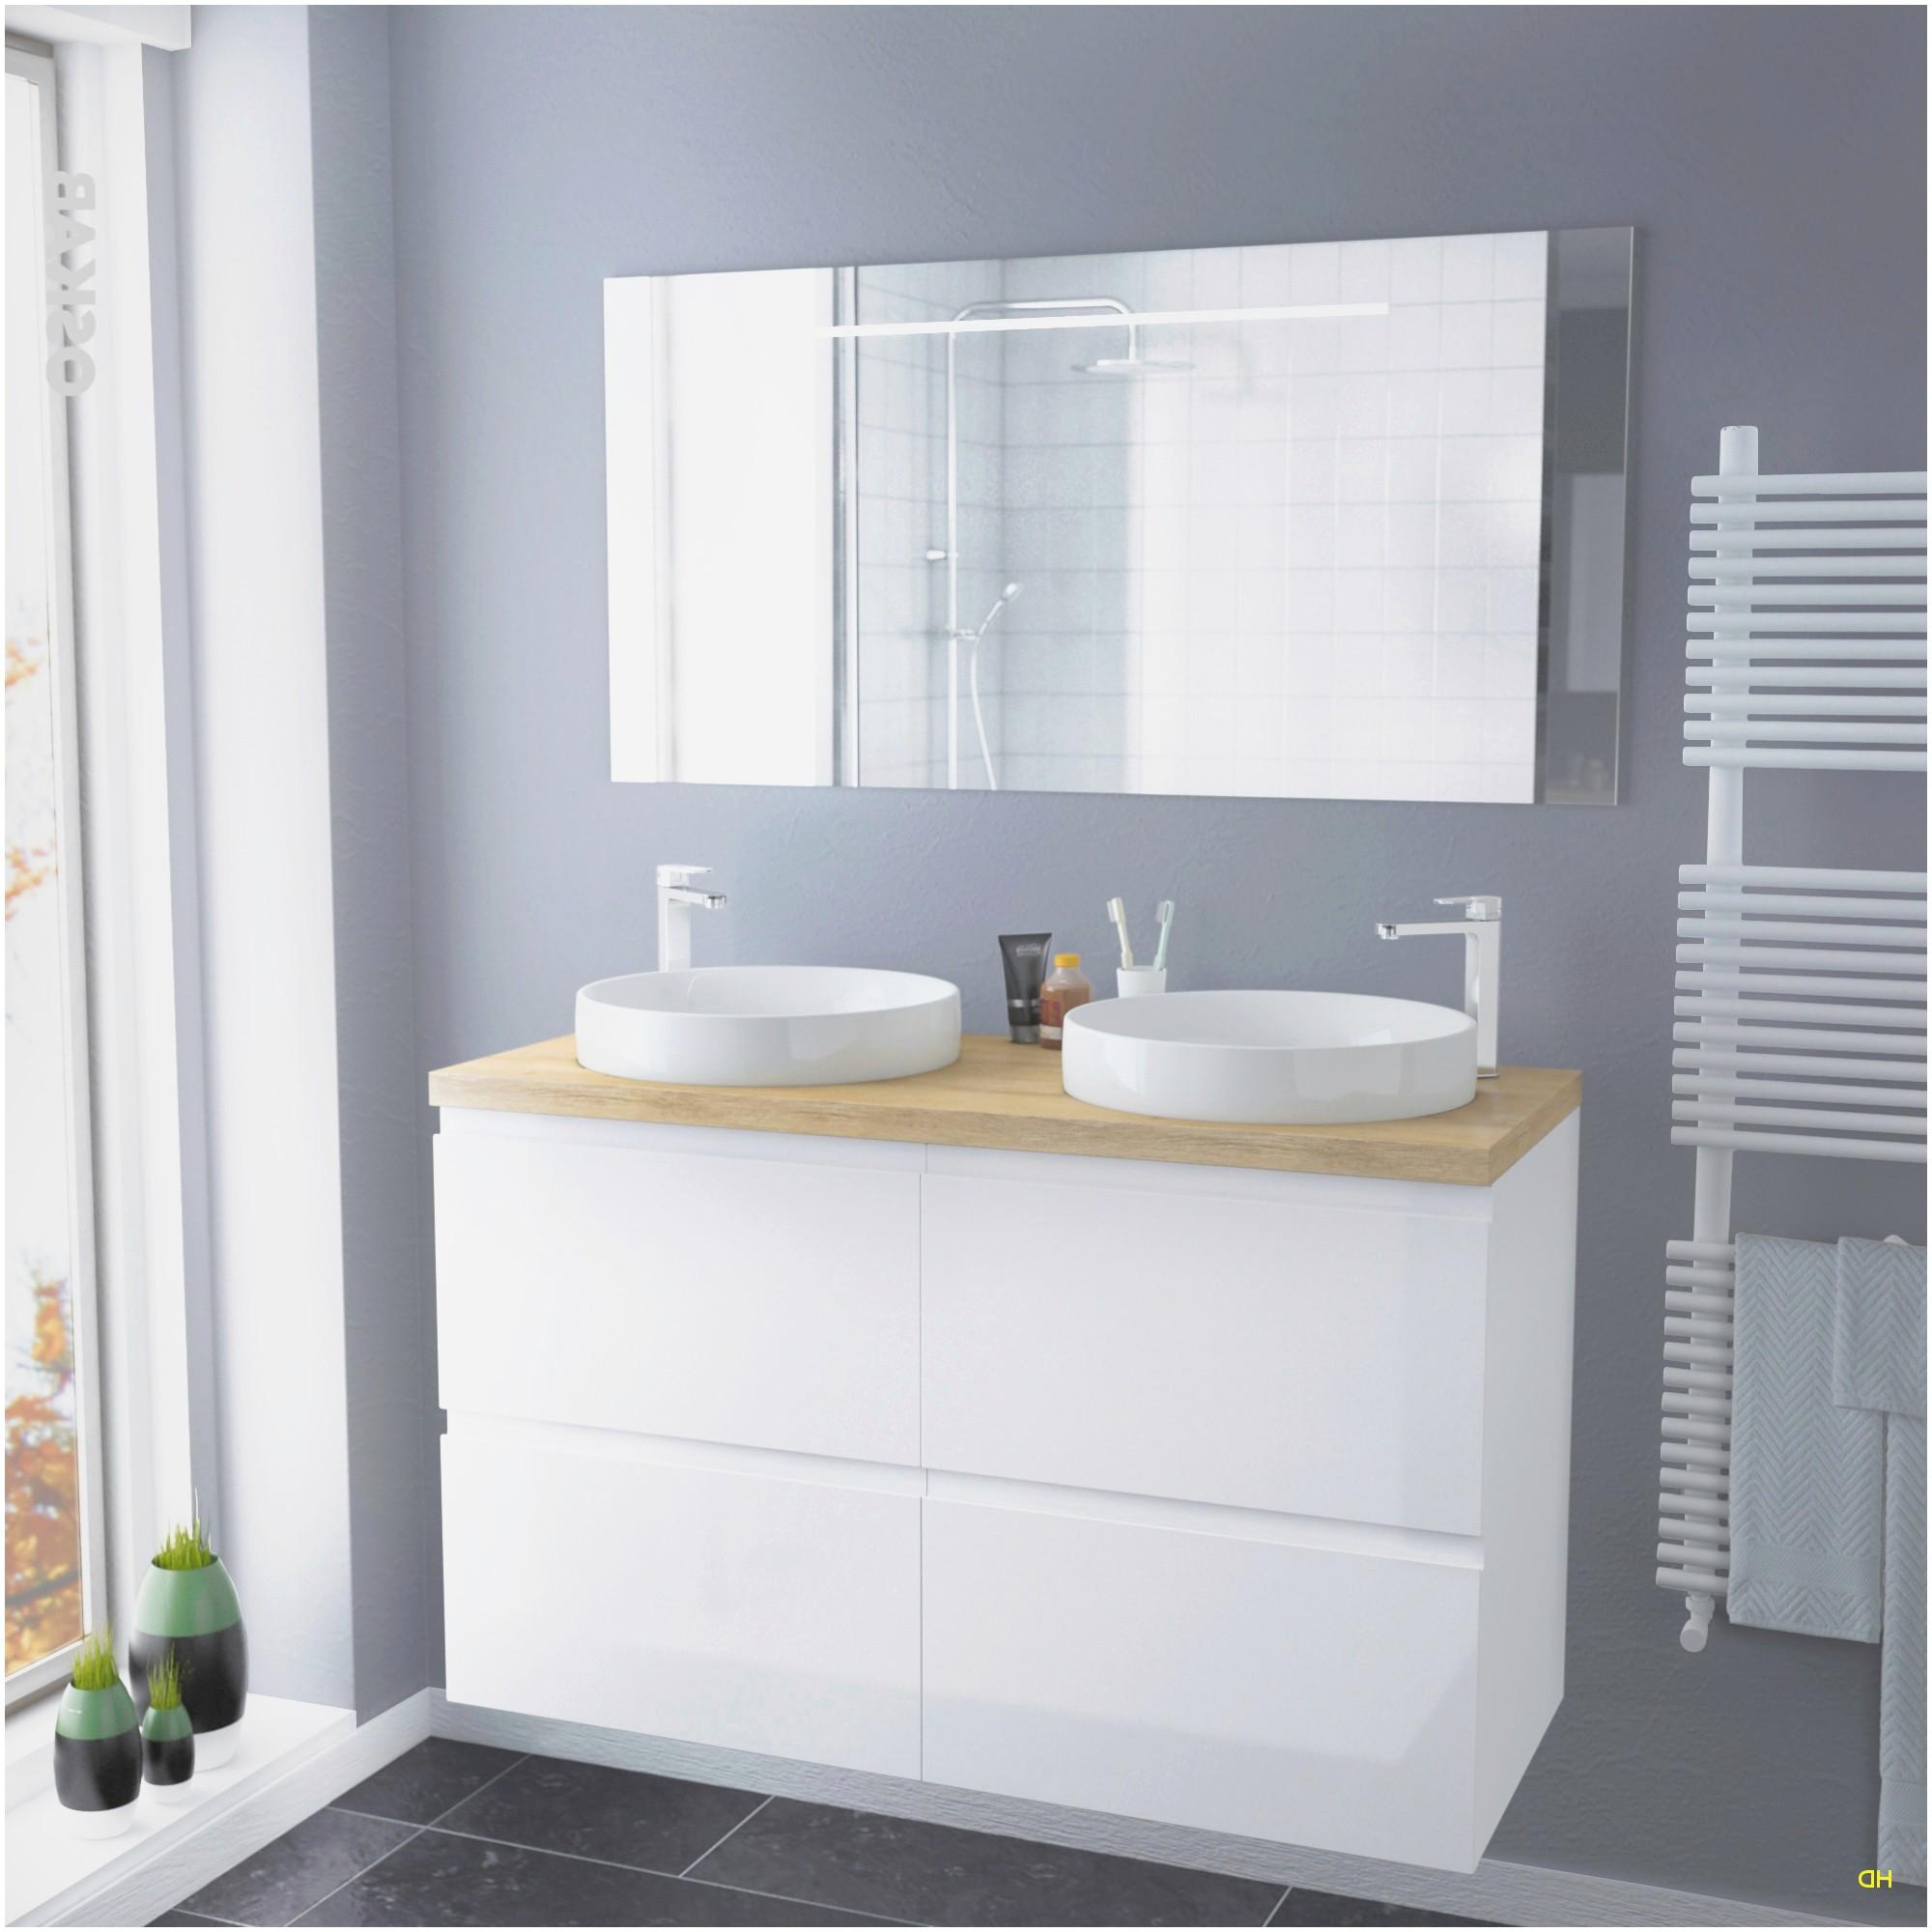 Meuble haut salle de bain occasion veranda - Le bon coin meuble salle de bain ...